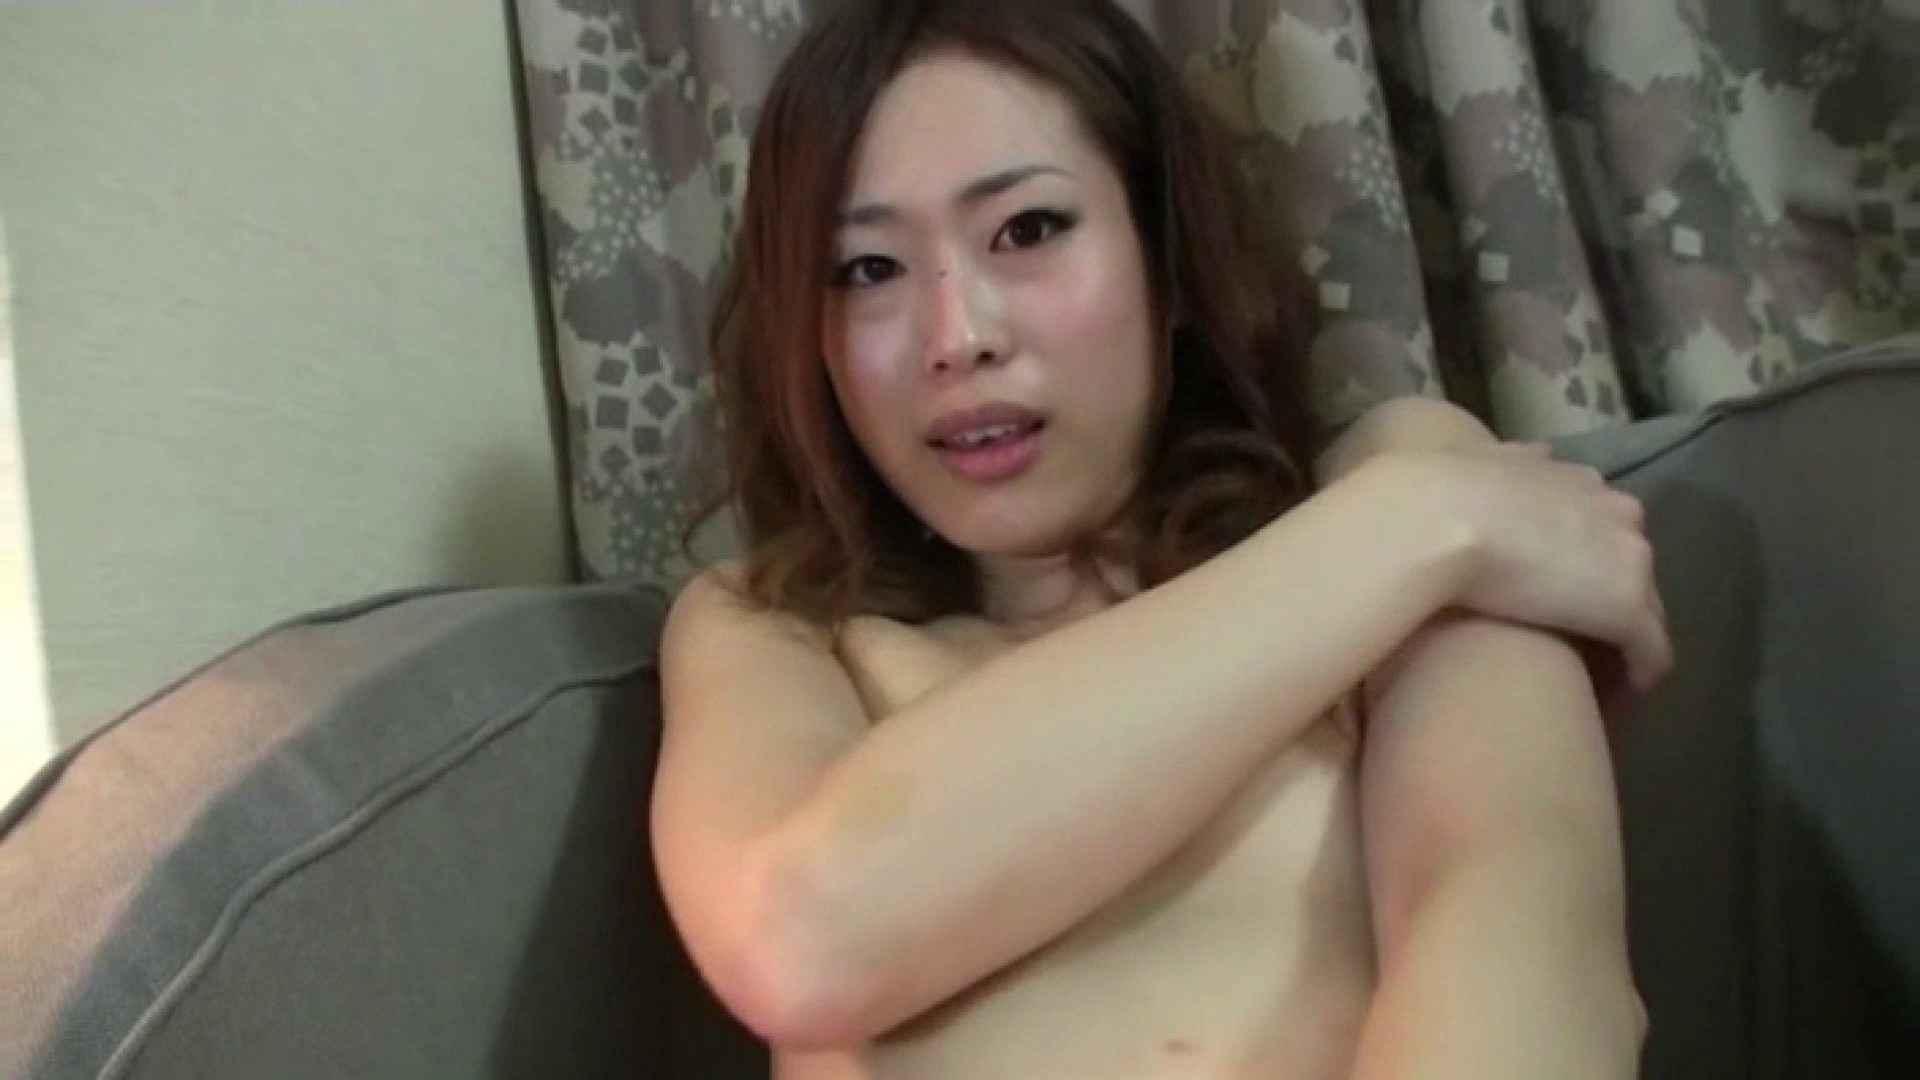 おしえてギャル子のH塾 Vol.34前編 マッサージ 女性器鑑賞 48pic 31